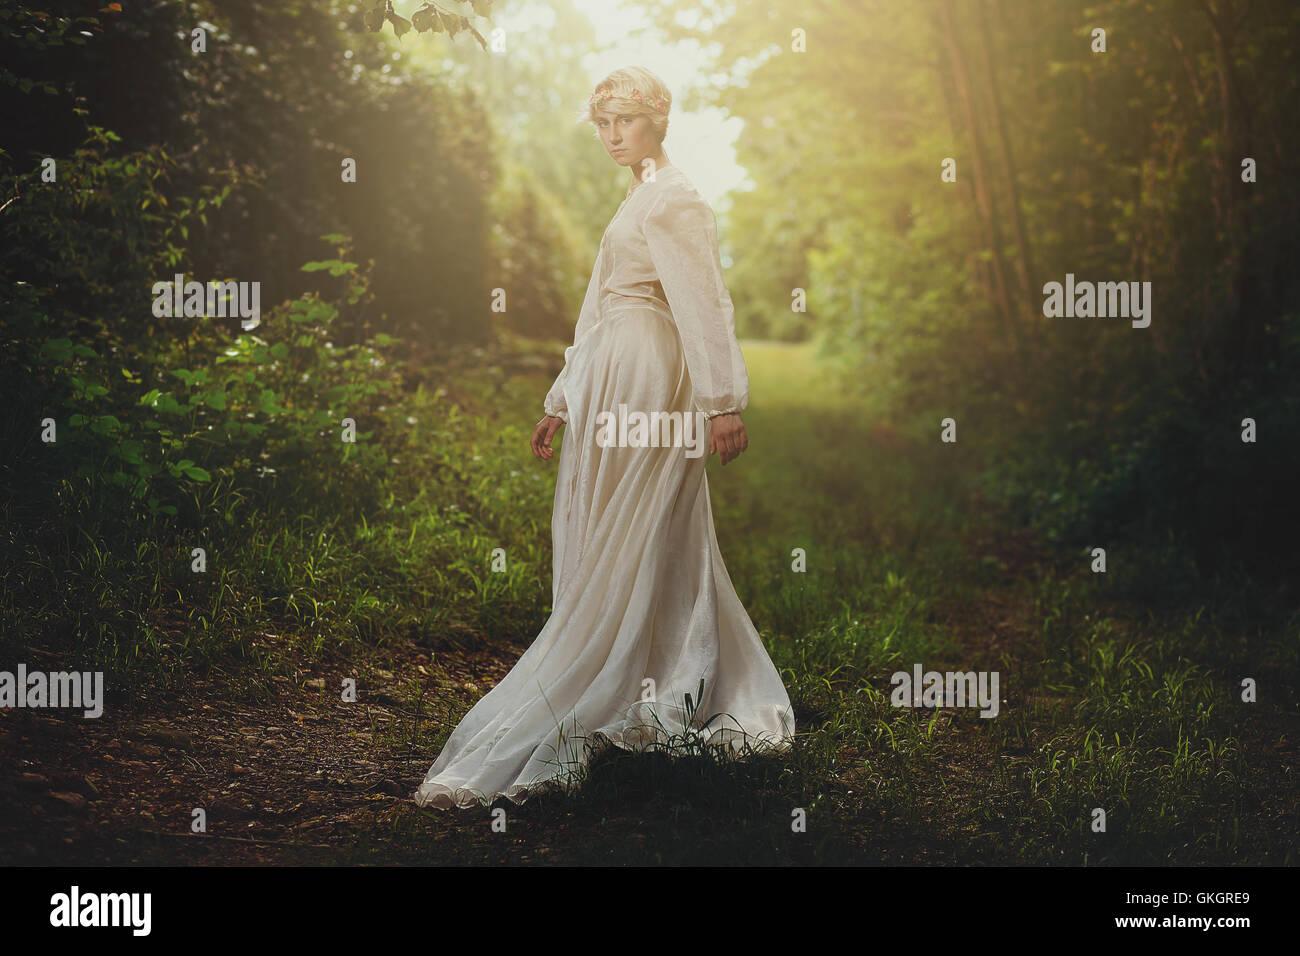 Juste magnifique jeune fille dans les bois de rêve. Fantasy et surréaliste Photo Stock